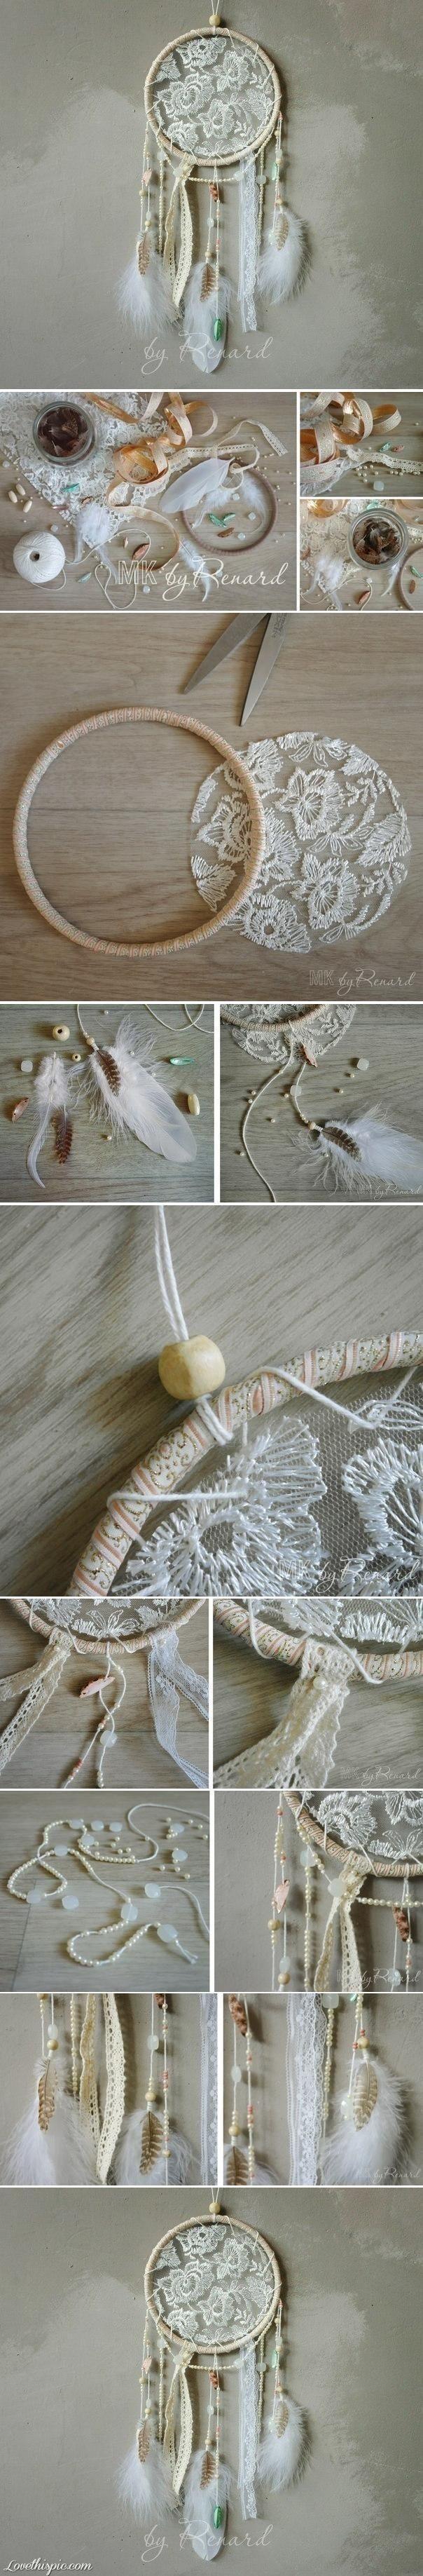 DIY Lace Dream Catcher.Craft ideas 5311 - LC.Pandahall.com